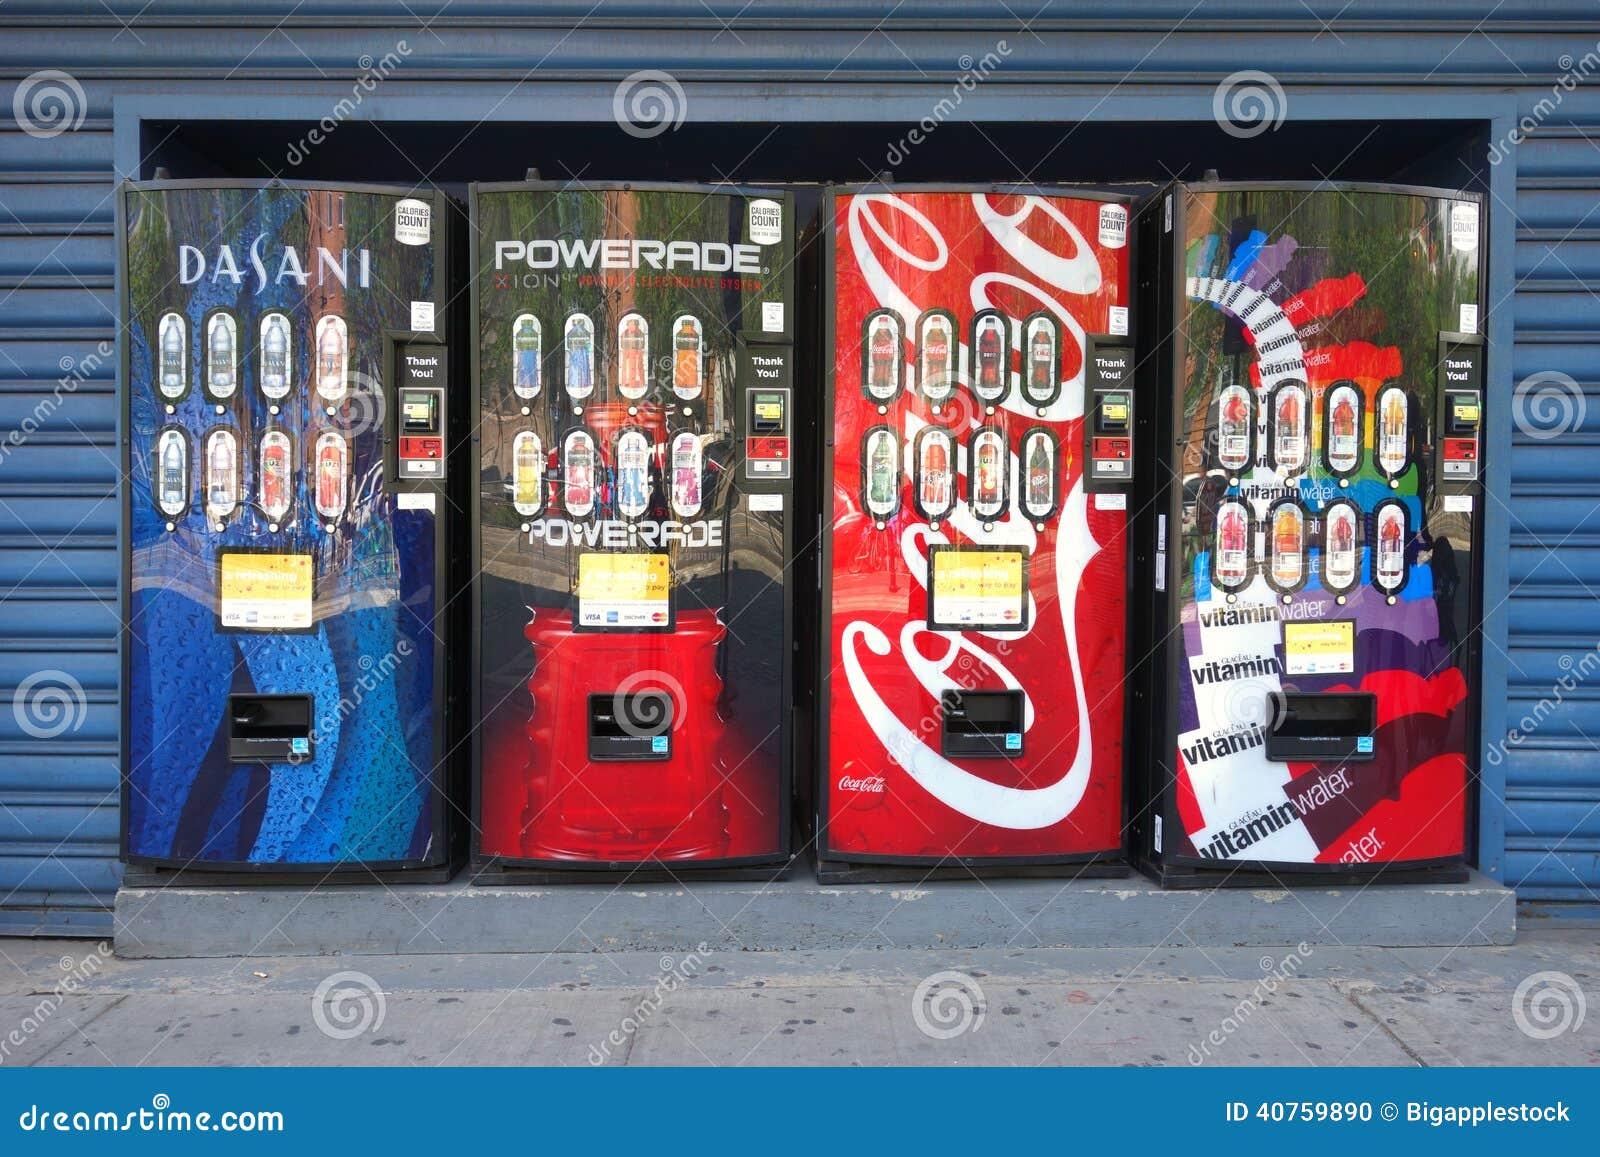 M quinas expendedoras de la bebida imagen editorial - Maquinas expendedoras de alimentos y bebidas ...